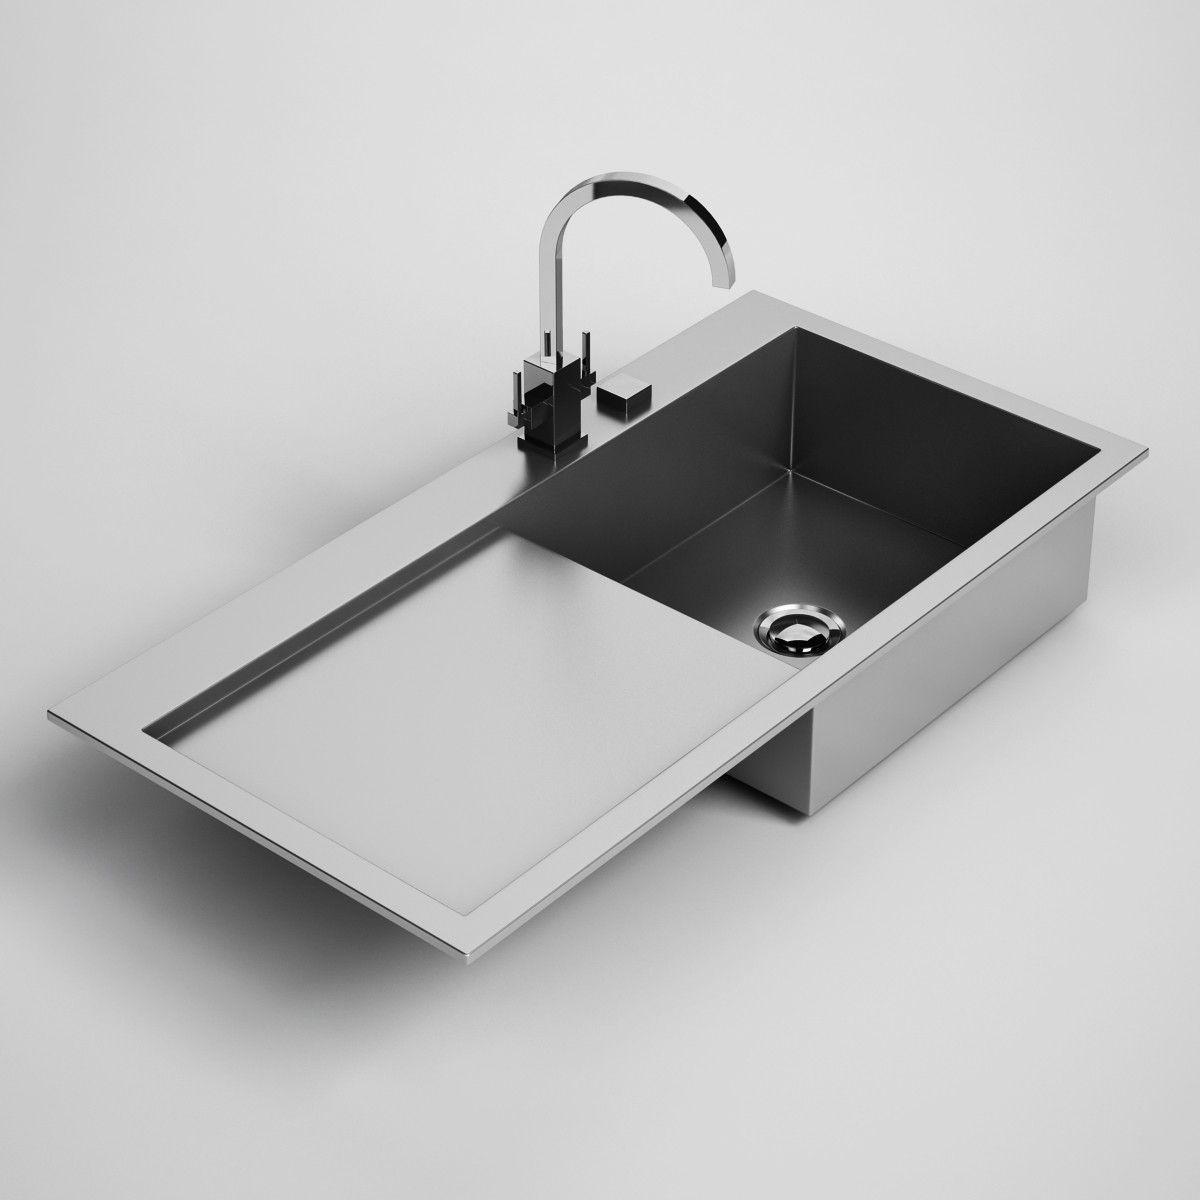 3d Model Kitchen Sink 24 Beautiful Kitchen Sink Kitchenmodelspictures Kitchen Sink Drainboard Drainboard Sink Kitchen Models